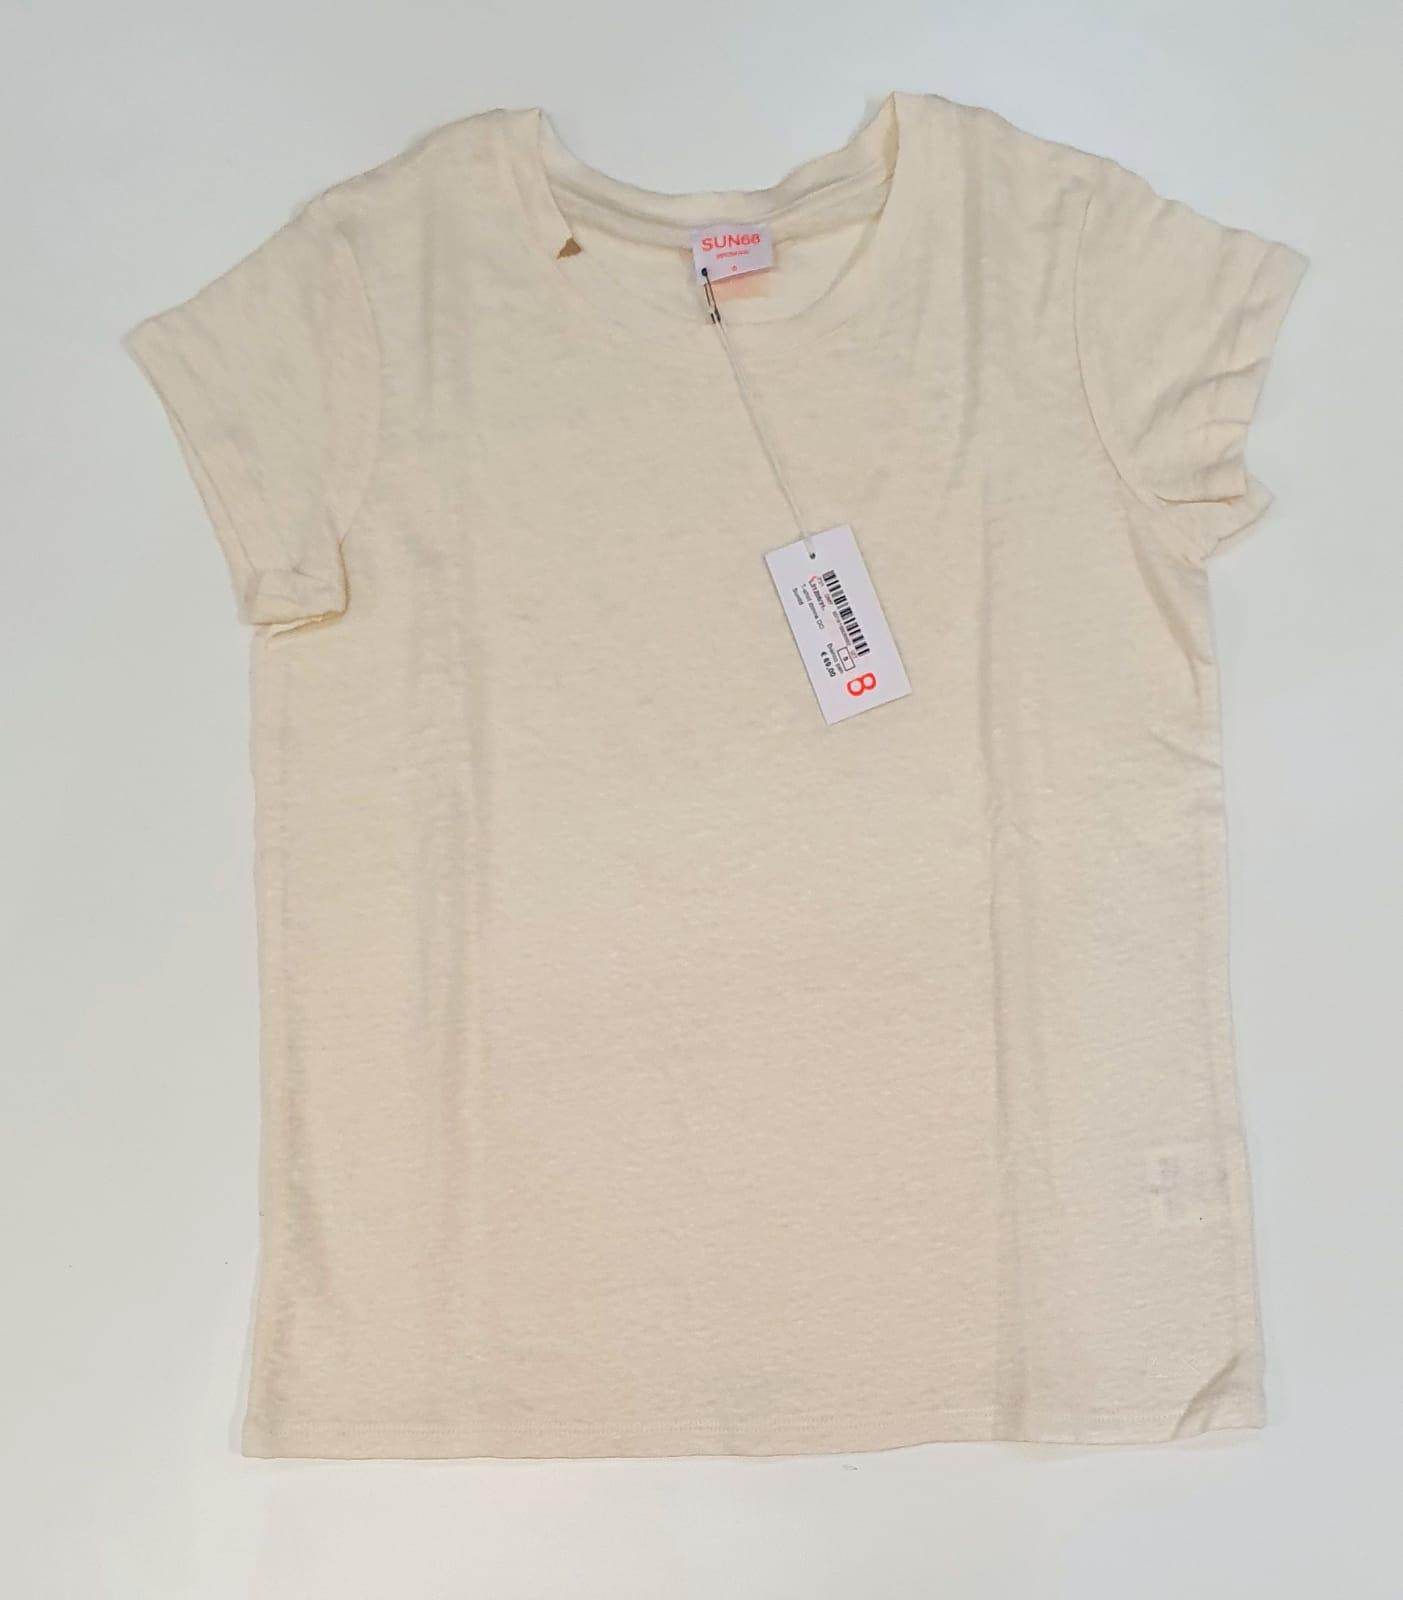 Sun 68 T-SHIRT Donna Girocollo lino bianco panna